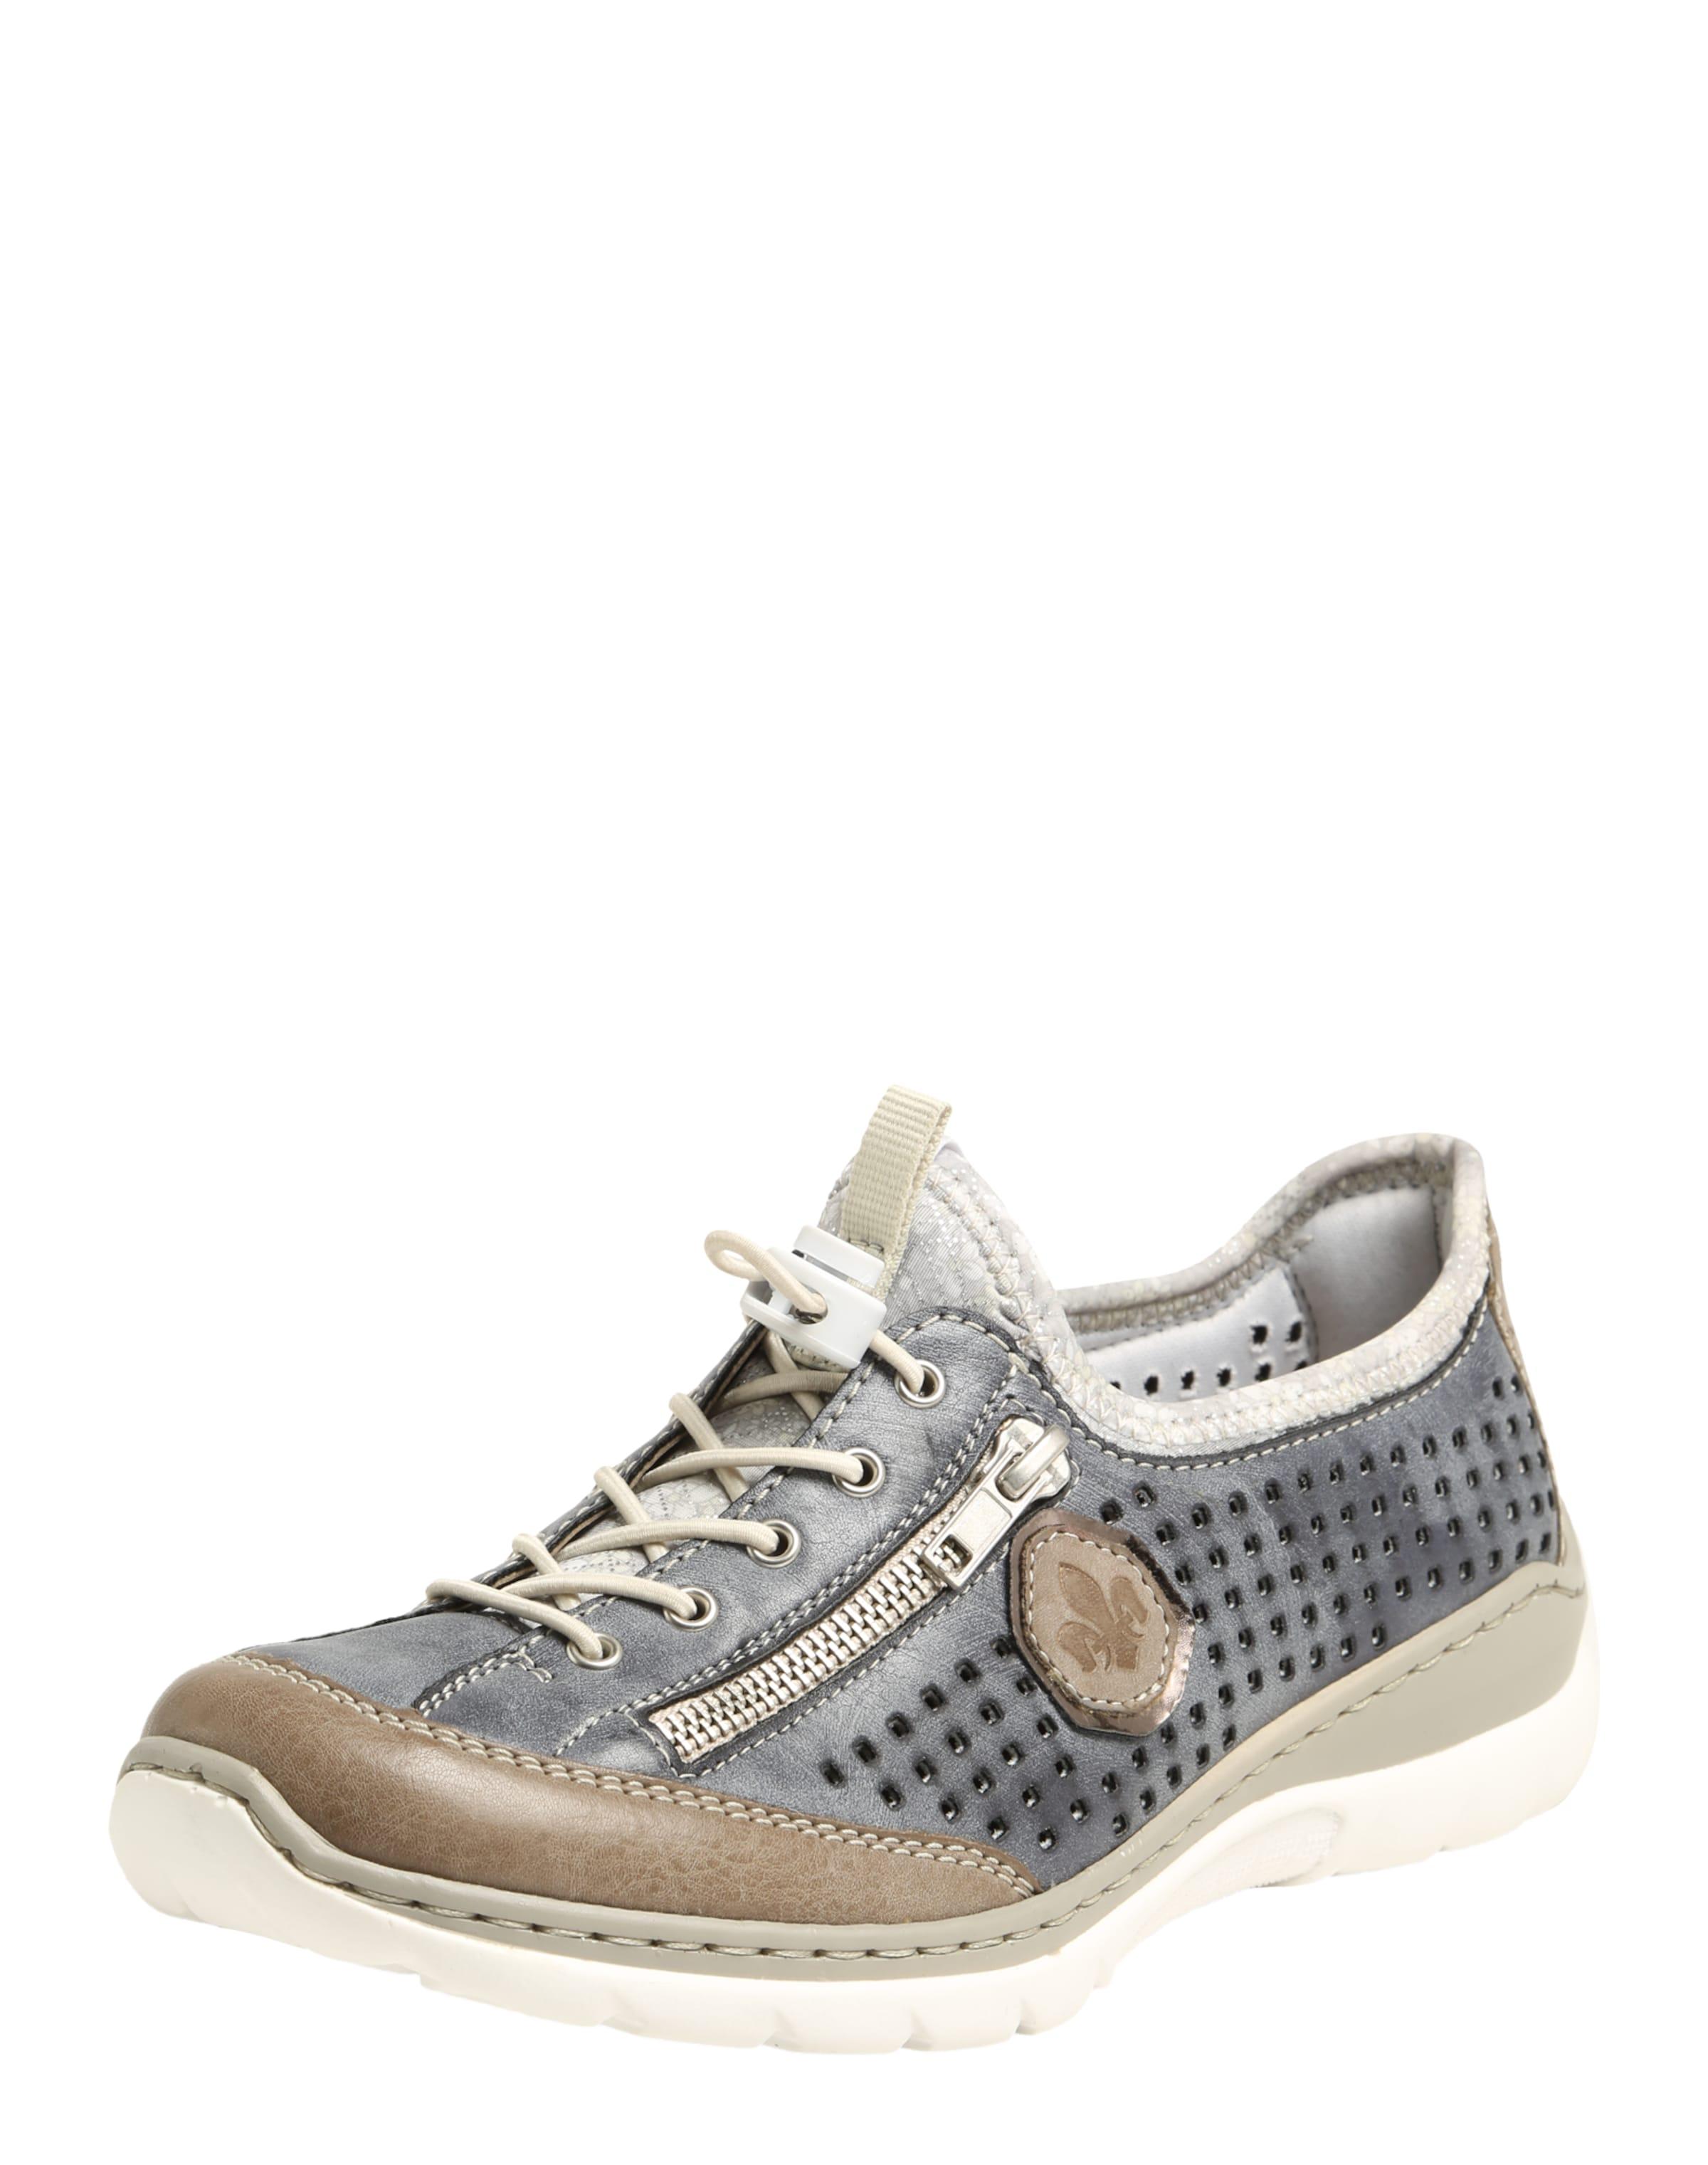 RIEKER Halbschuh mit Lochmuster Verschleißfeste billige Schuhe